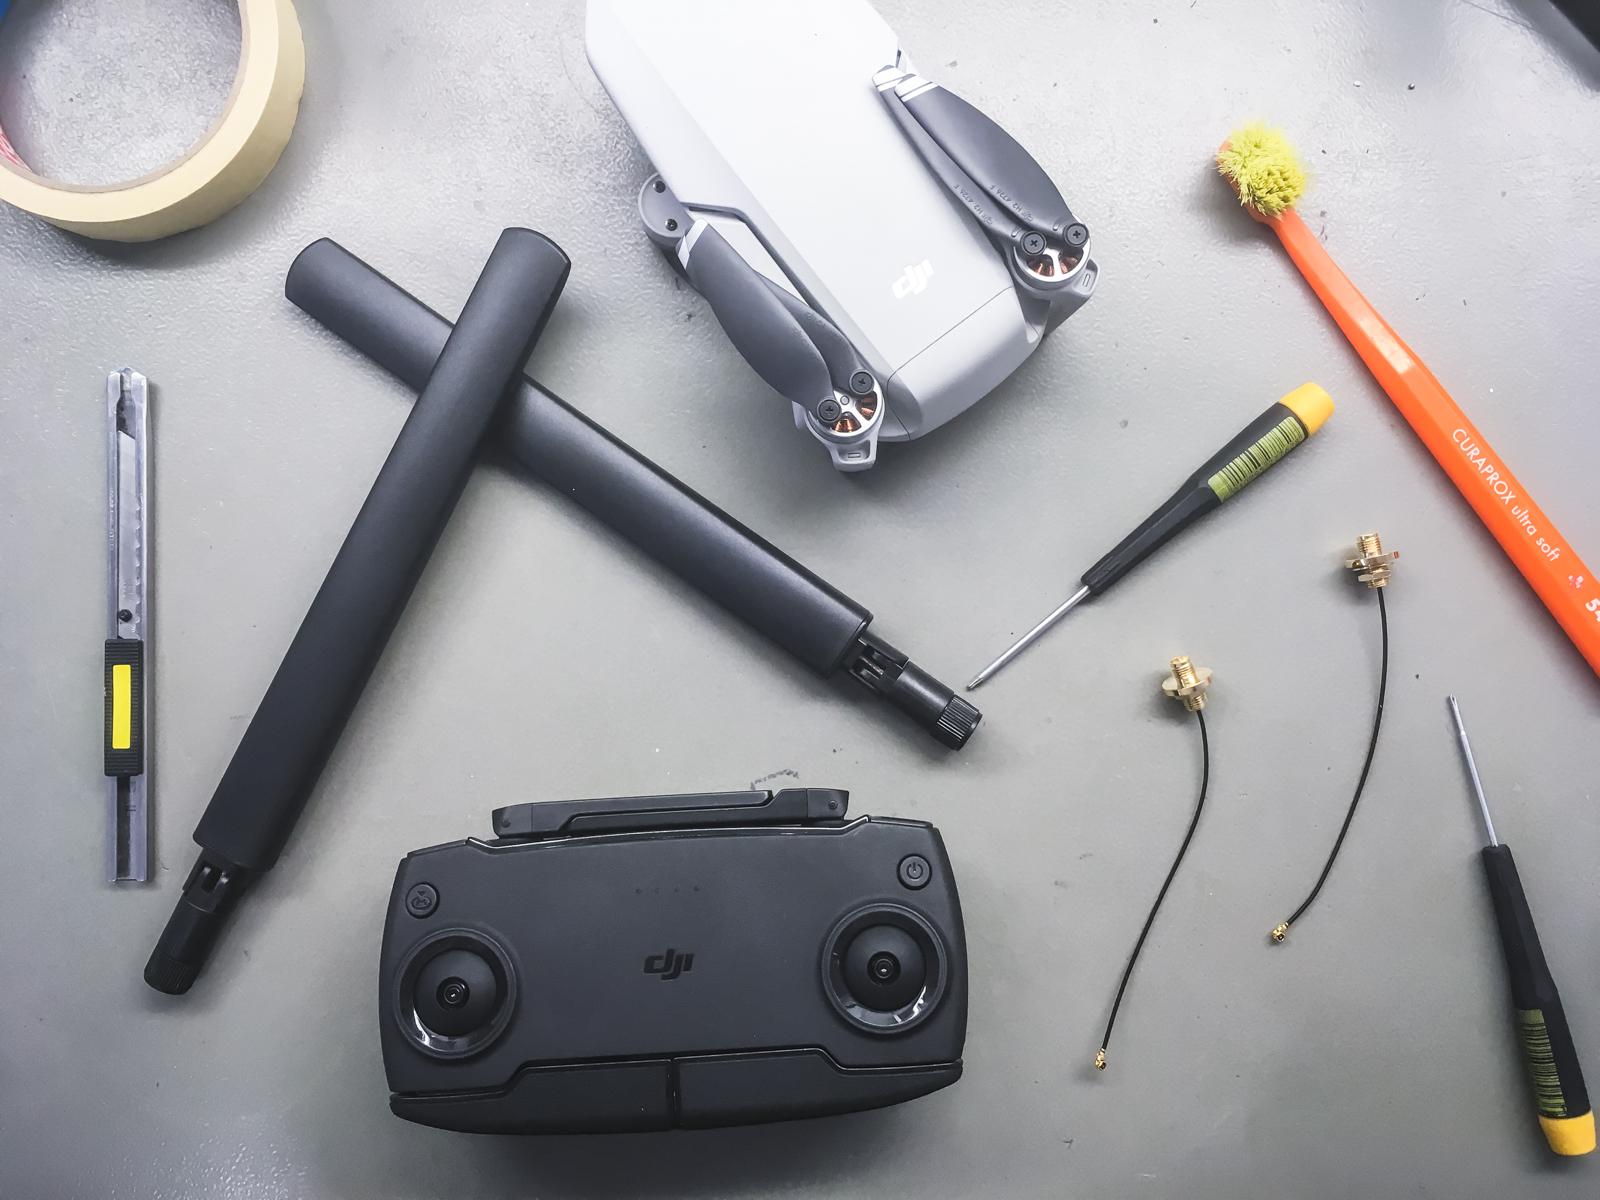 A Mavic Mini távirányítója átalakítás előtt, és mellette az új antennacsatlakozók és antennák.